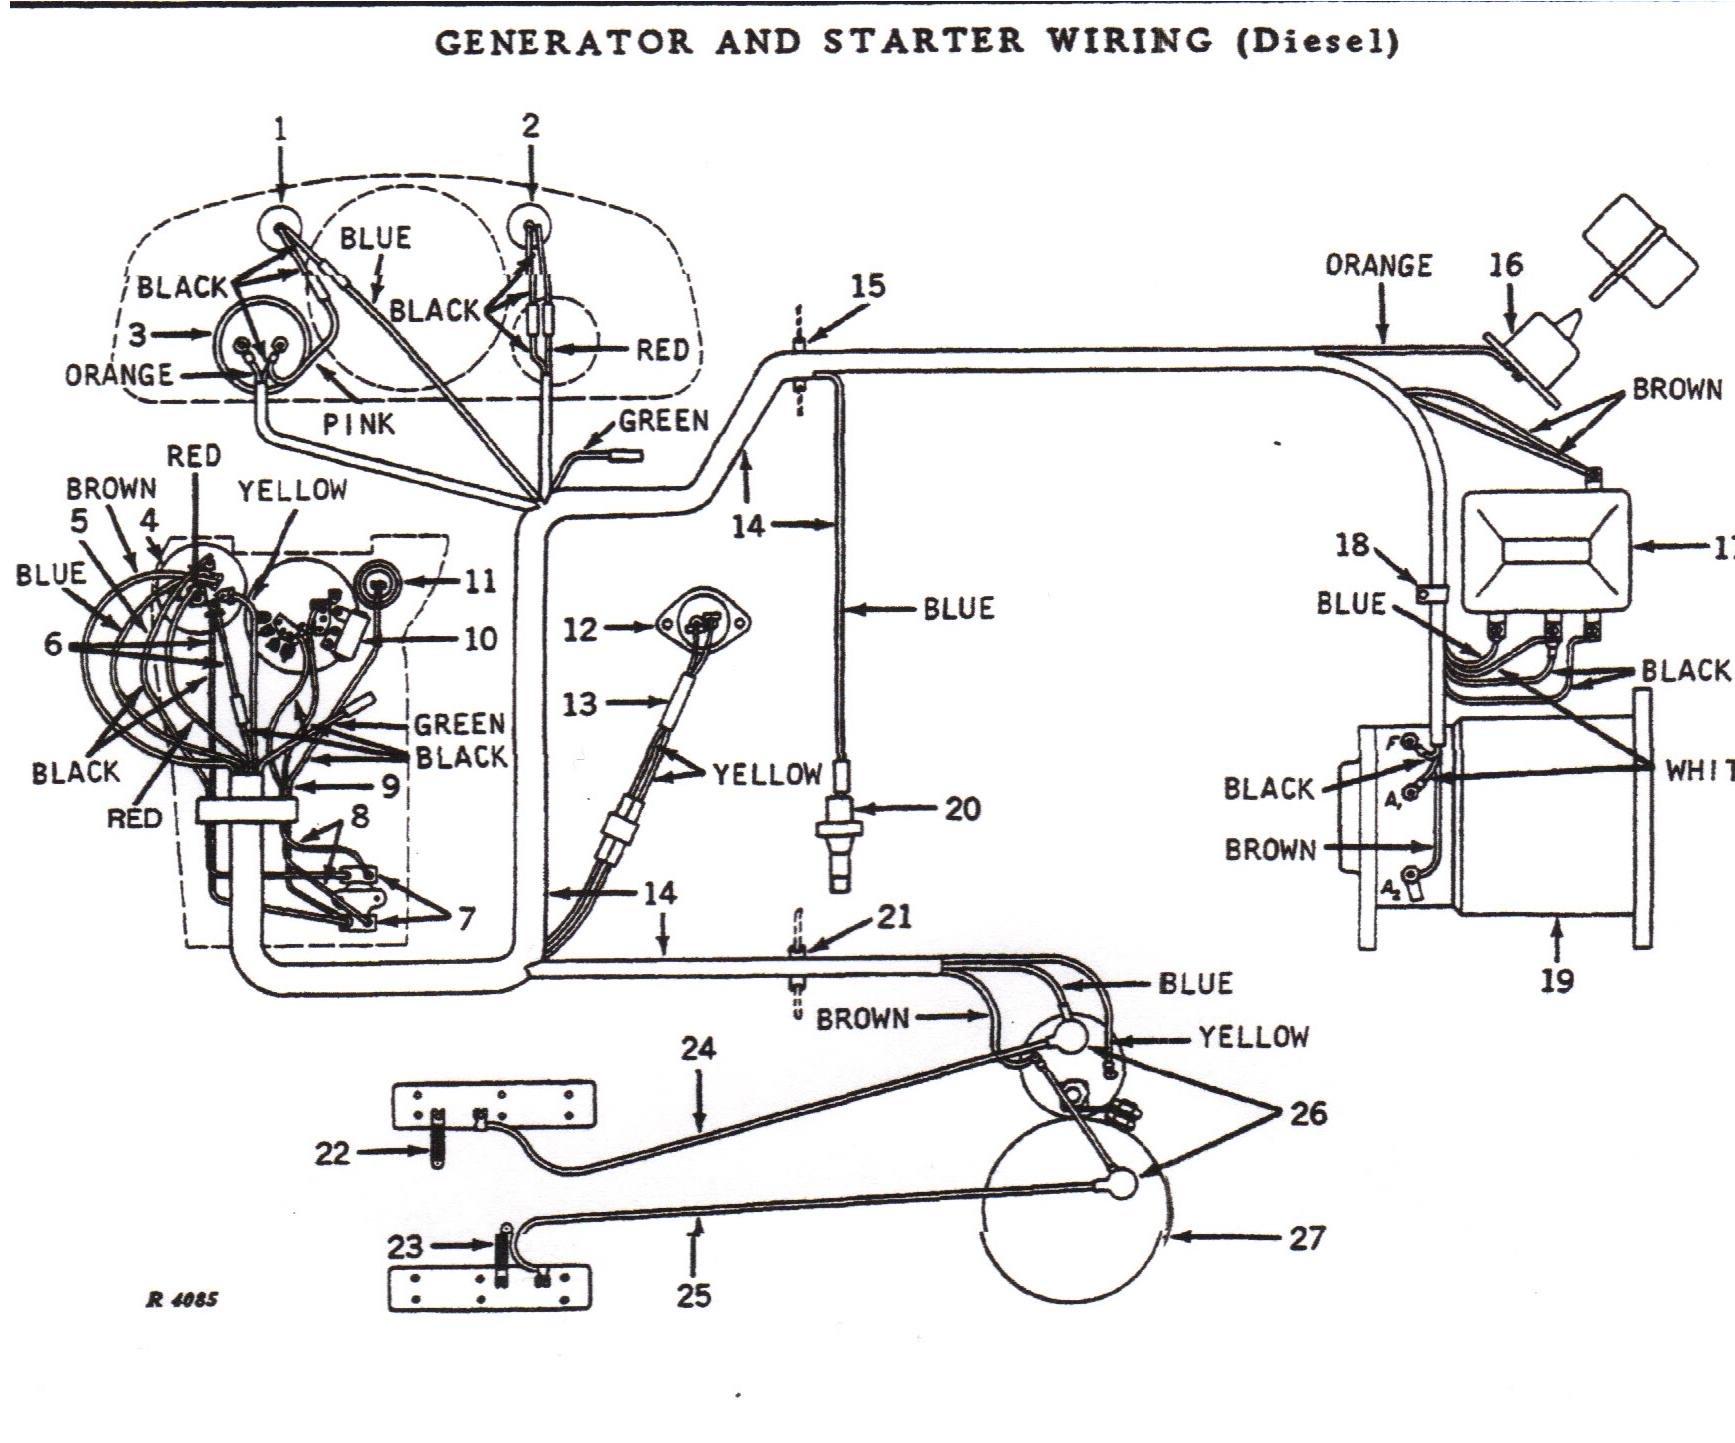 [DIAGRAM_38IU]  RE_8272] 1968 4020 John Deere Starter Wiring Diagram Schematic Wiring | Alternator Starter Wiring Diagram |  | None Waro Skat Olyti Phae Mohammedshrine Librar Wiring 101